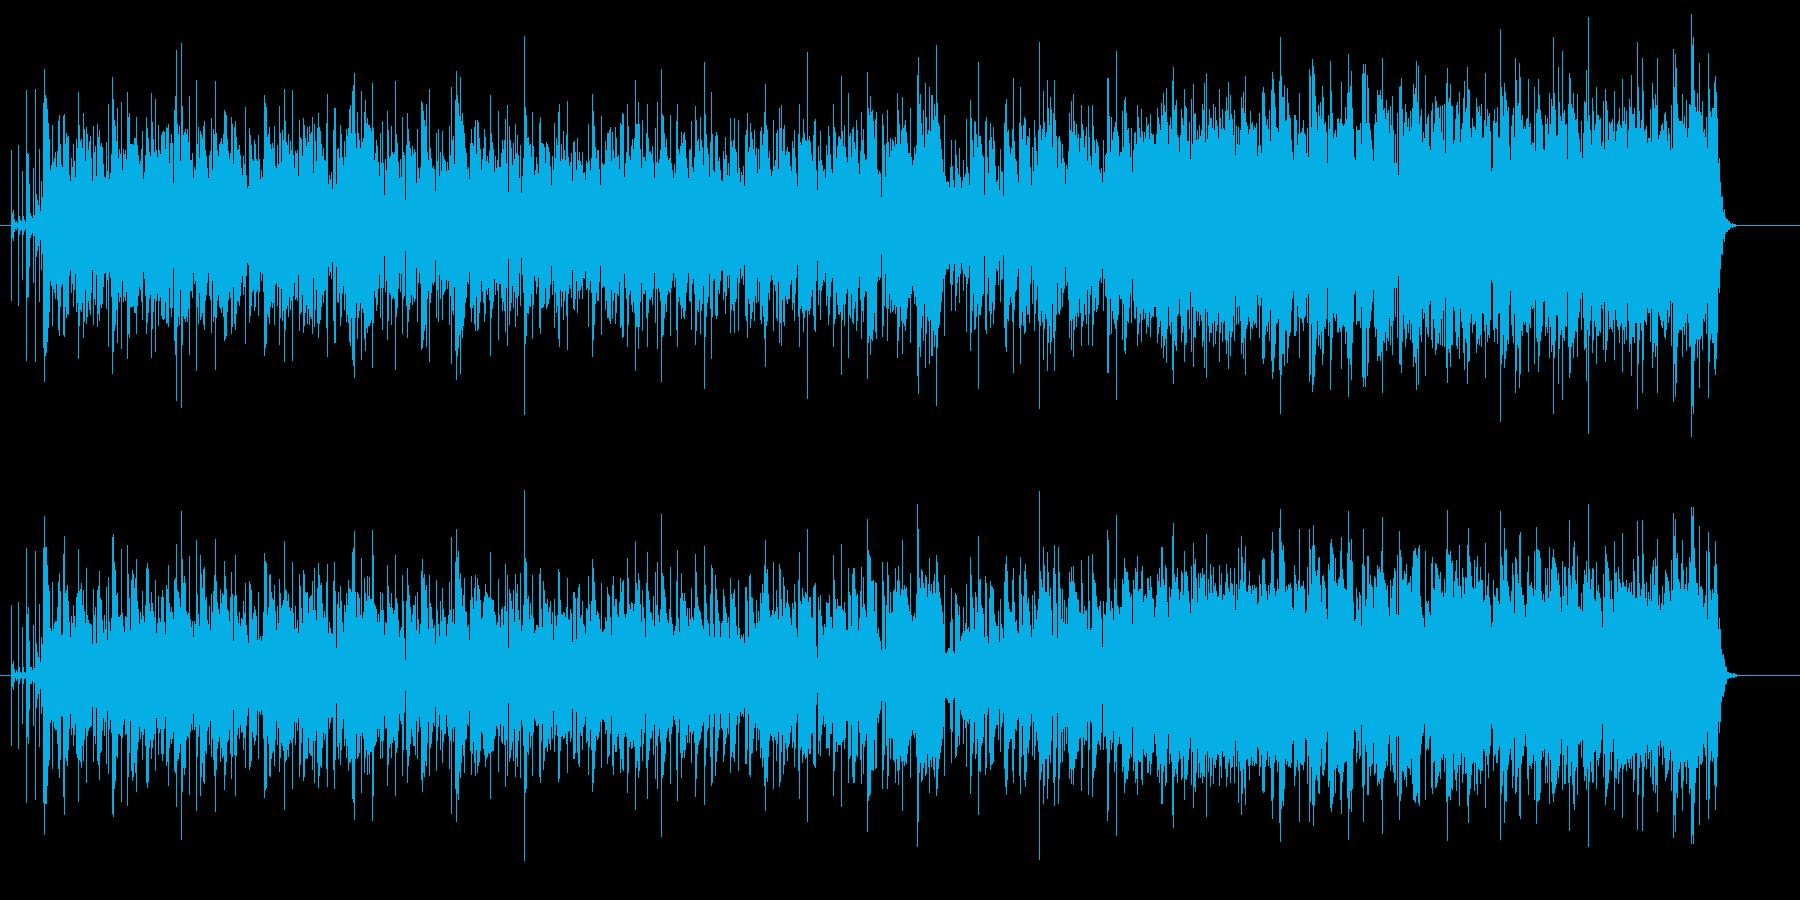 ハートにしみるリゾート・サウンドの再生済みの波形